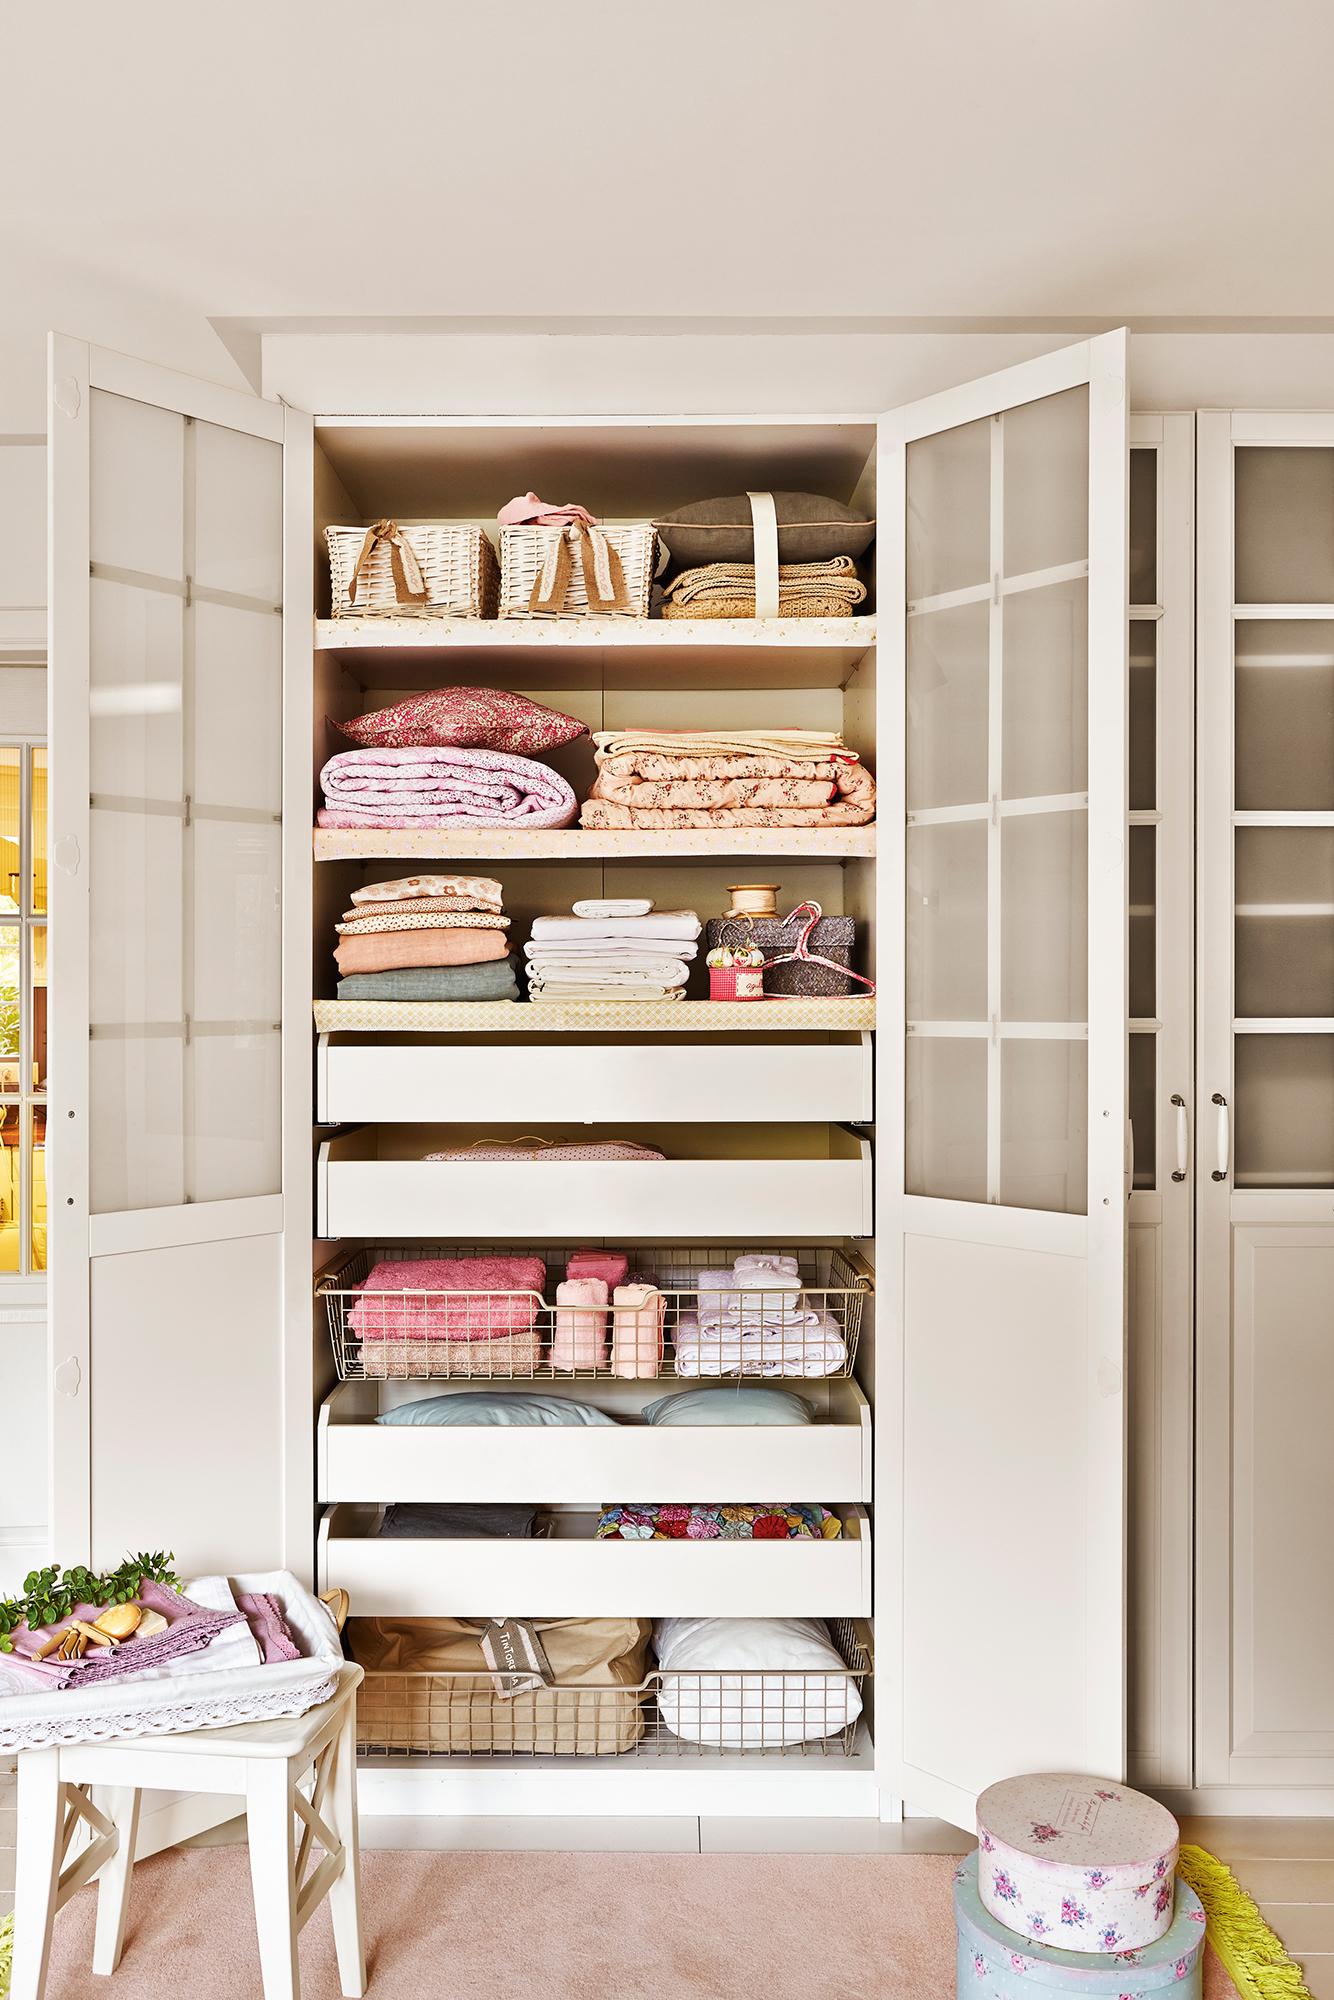 Vestidores Ideas Para Armarios Vestidores Peque Os O Abiertos Elmue ~ Interiores De Armarios Empotrados Ikea